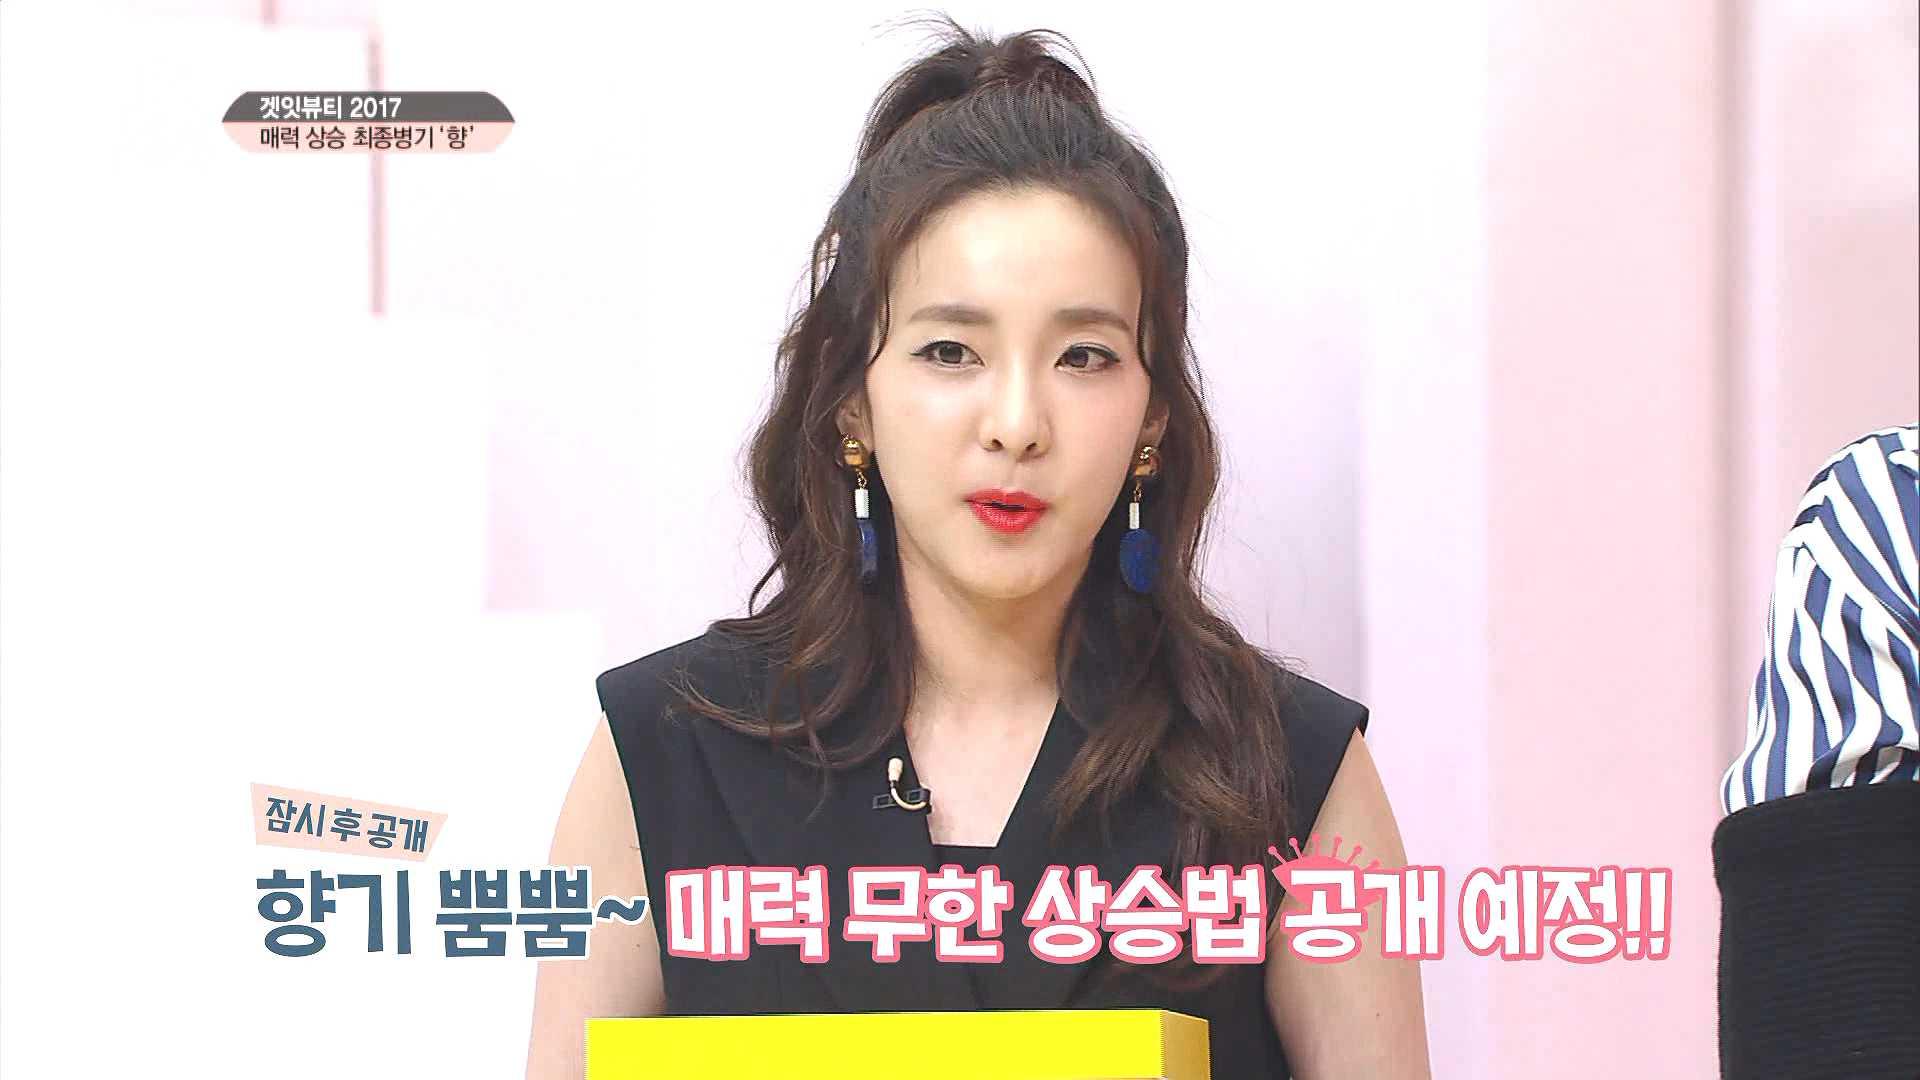 잠시 후 향기 뿜뿜~ 매력 무한 상승법 공개 예정!